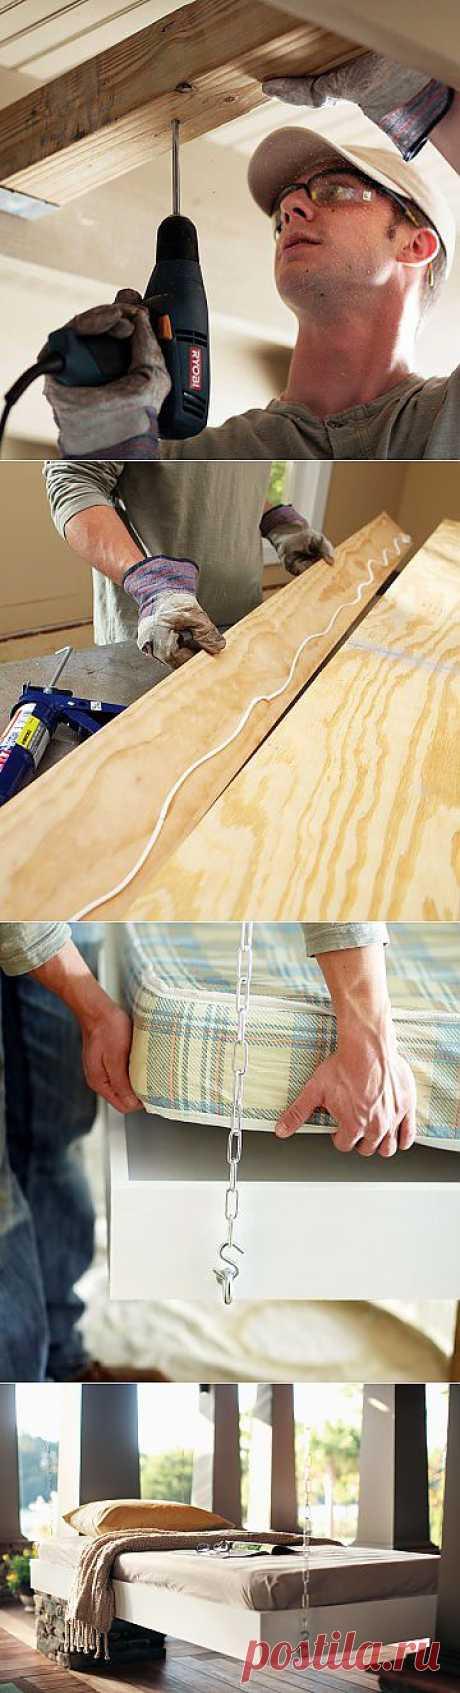 Подвесная кровать своими руками.